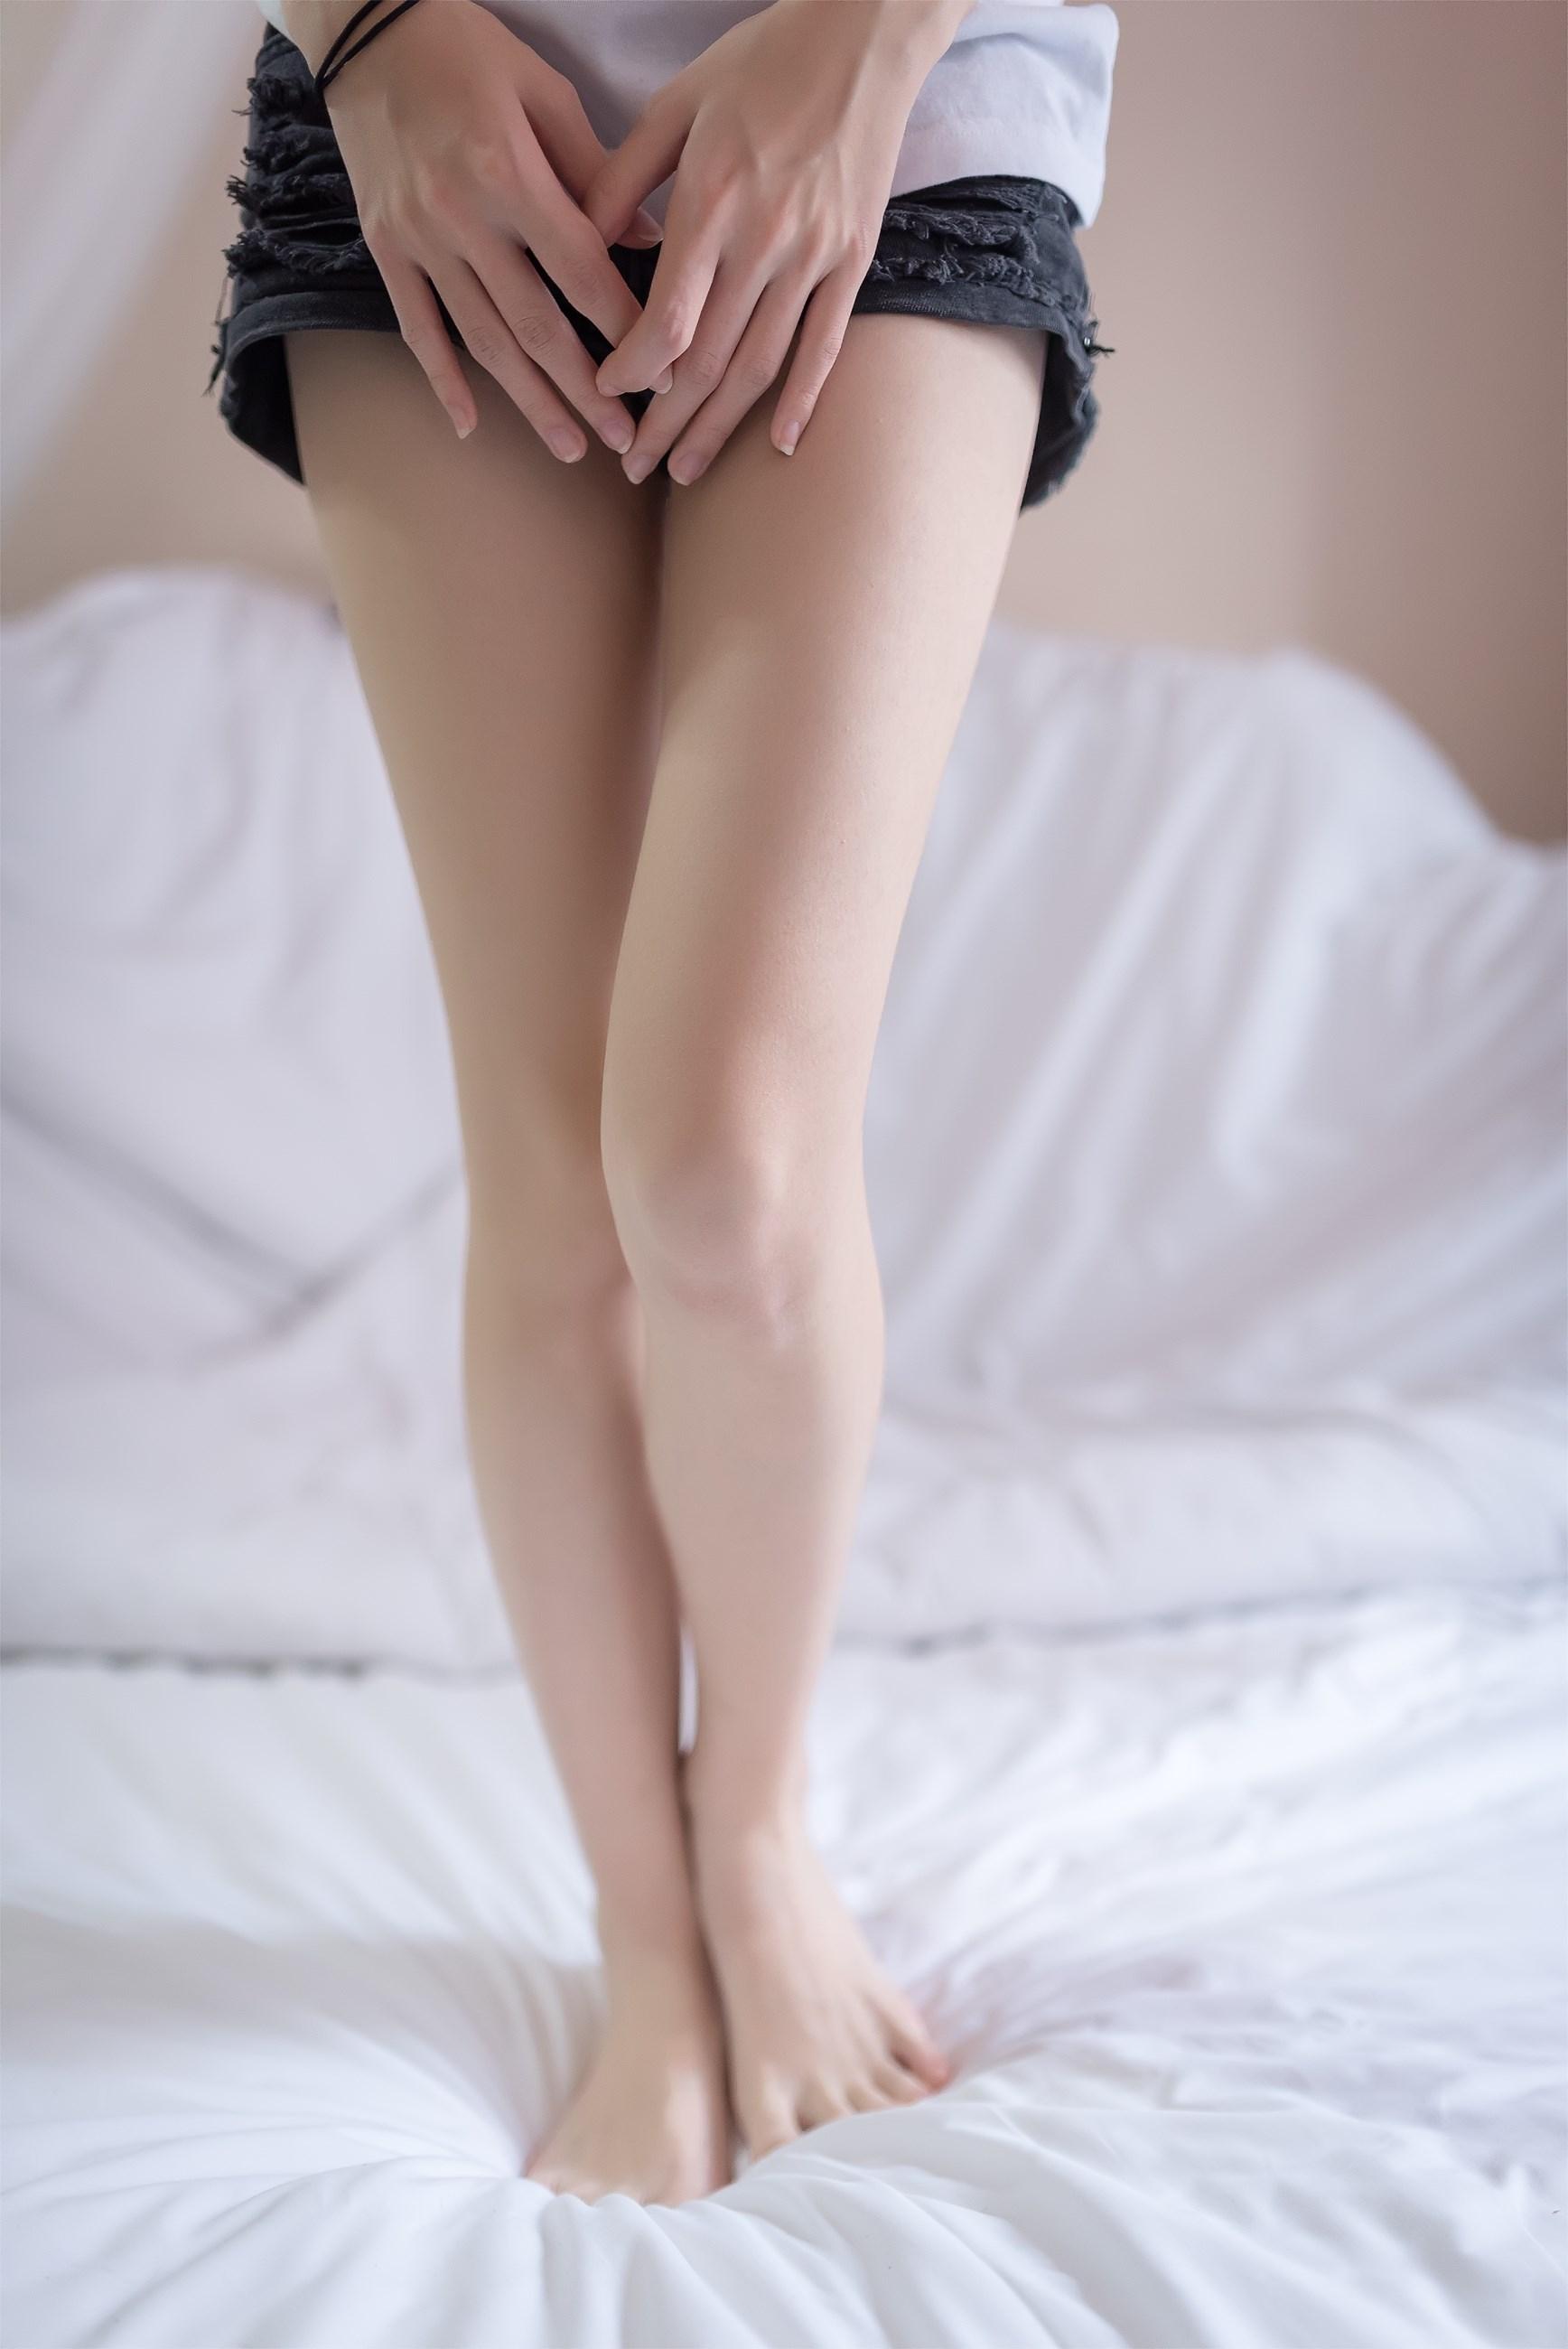 【兔玩映画】果腿少女 兔玩映画 第15张